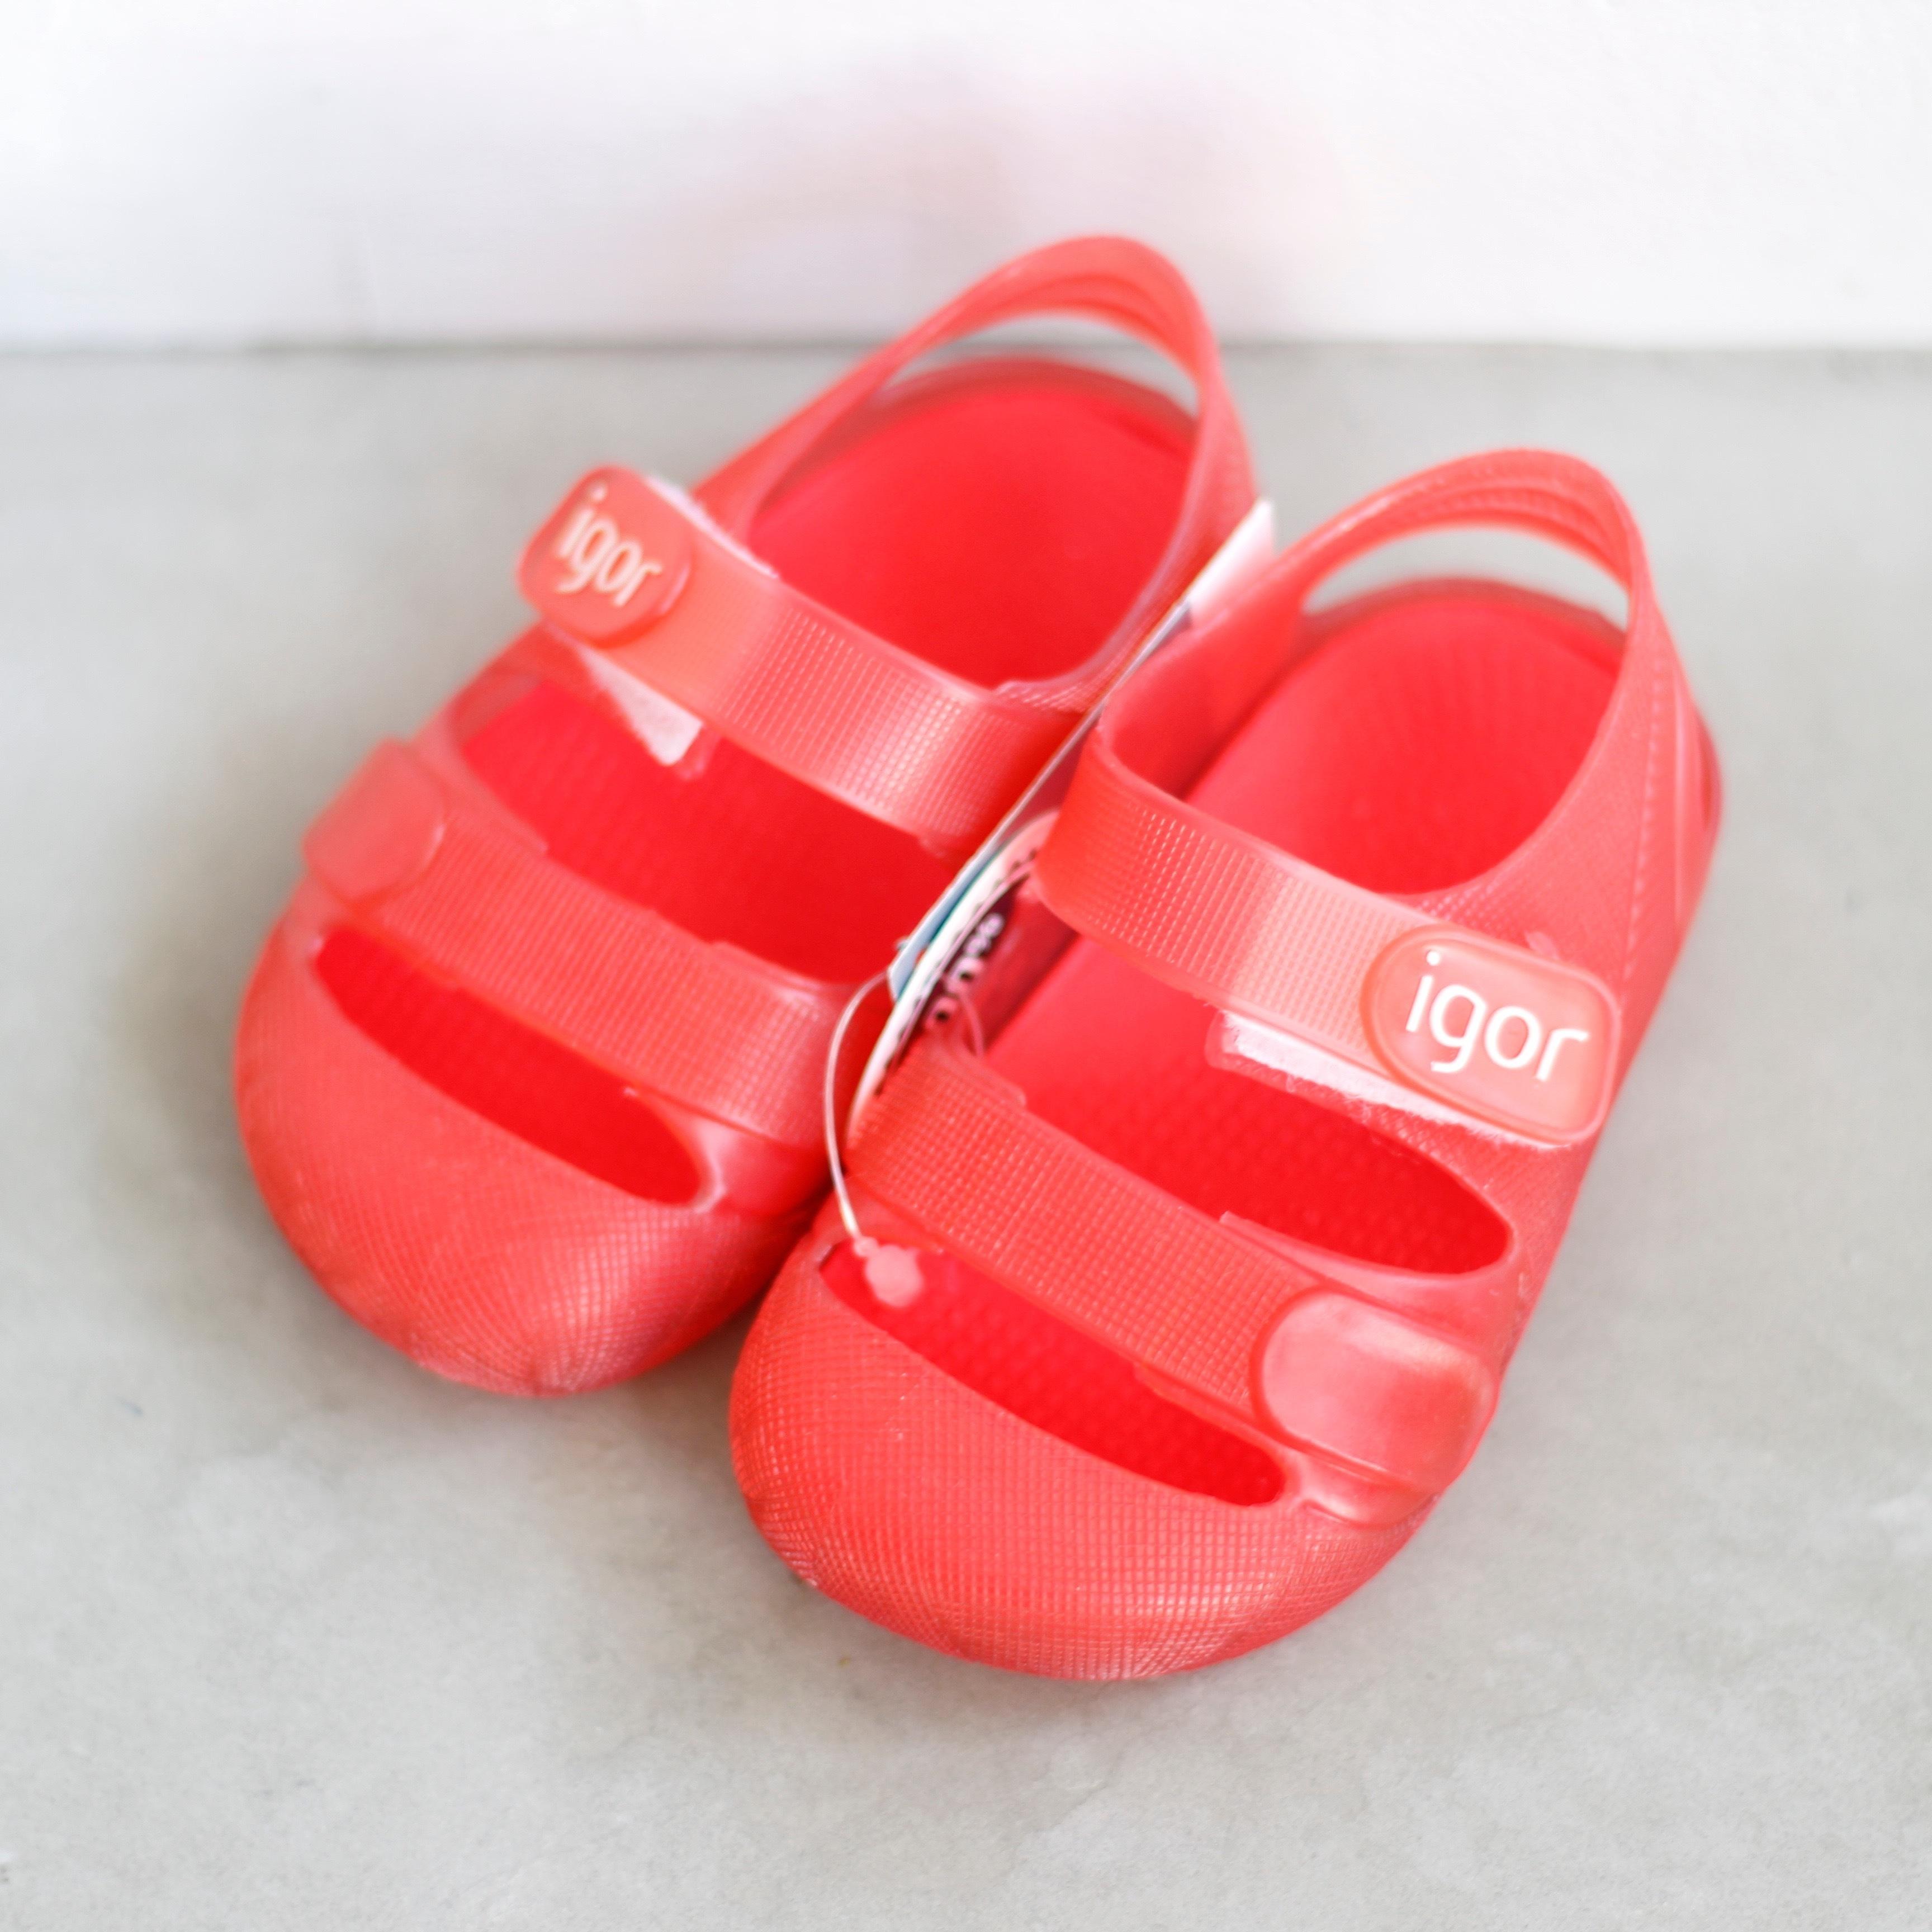 《igor》BONDI / Rojo(red)/ 12〜16cm